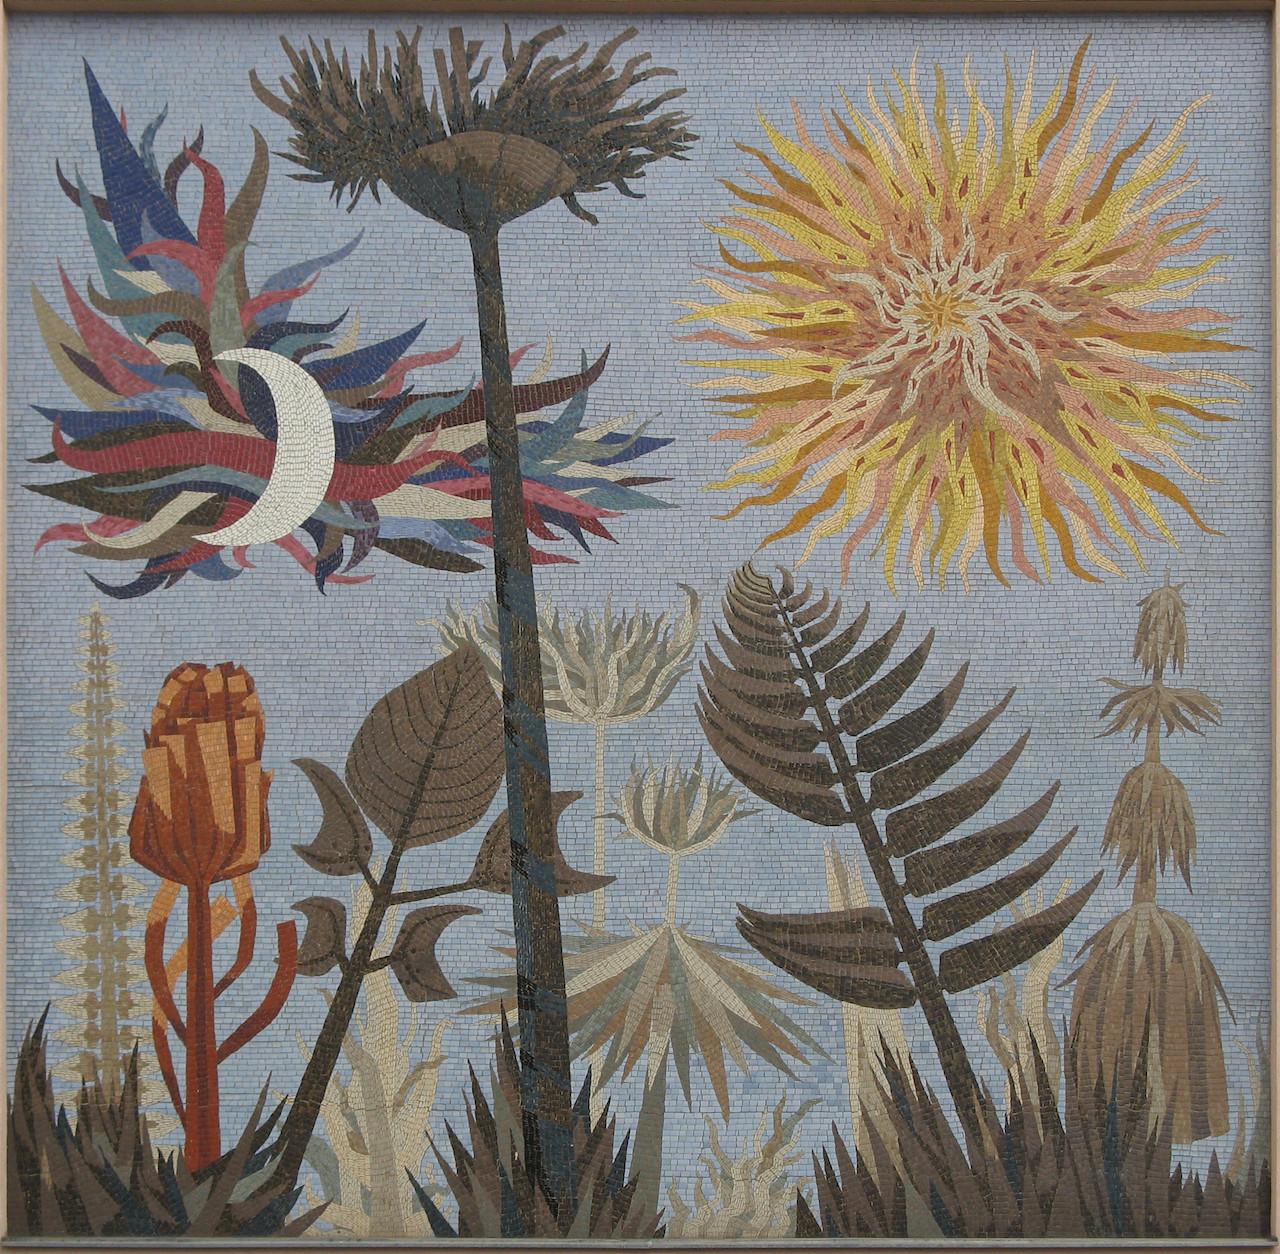 Wolfgang Hutter. Mosaik Pflanzen und Gestirne. 1958. Buchengasse, Wien.Von Buchhändler - Eigenes Werk, CC BY-SA 3.0, https://commons.wikimedia.org/w/index.php?curid=7140735